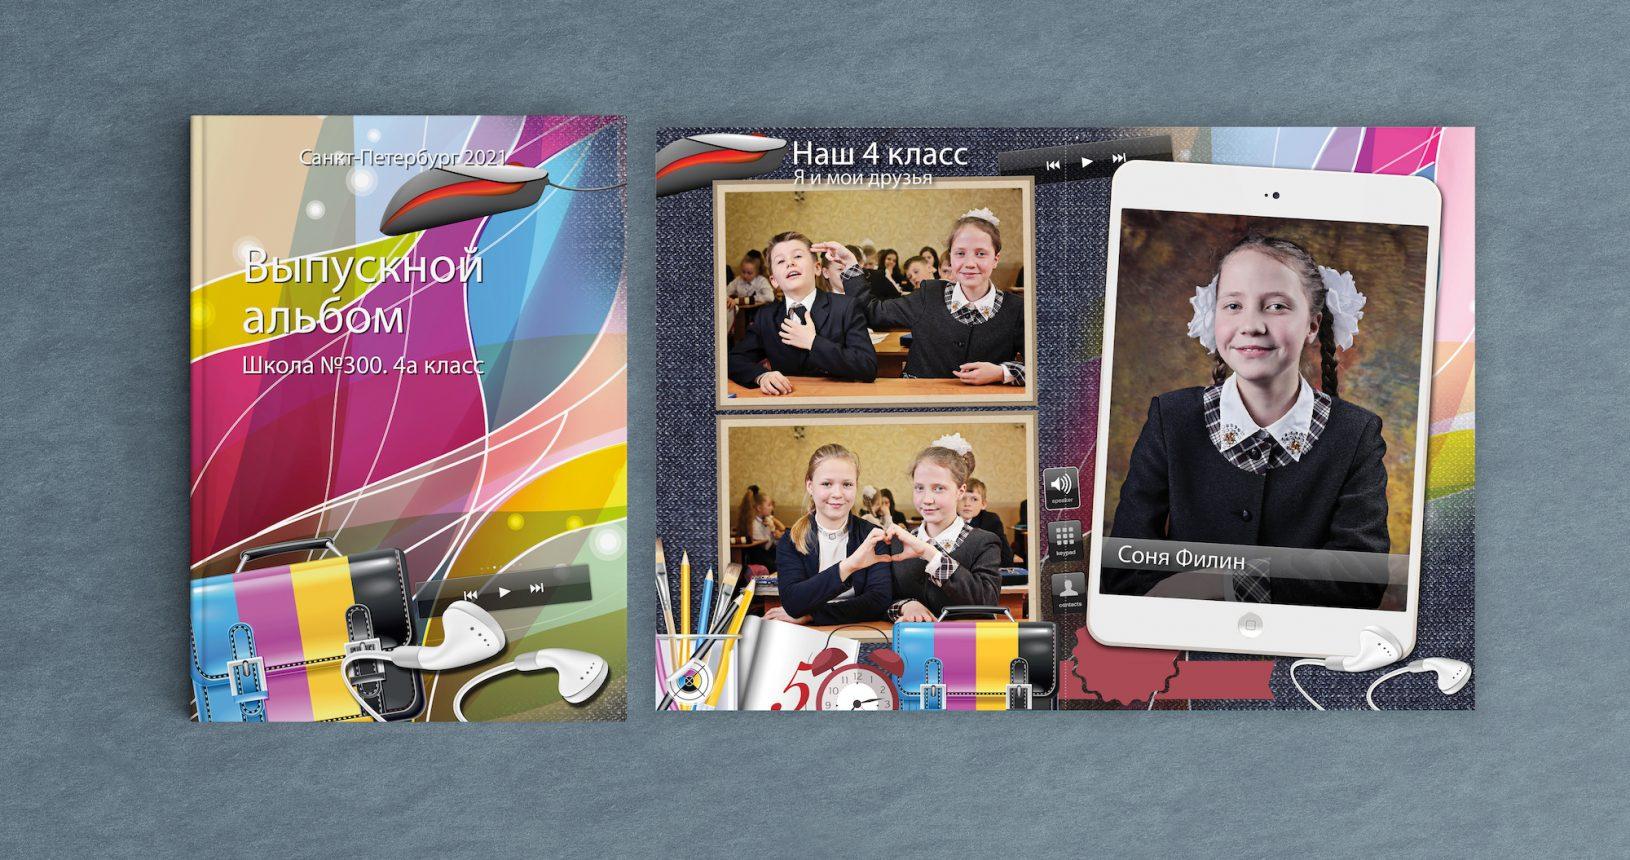 шаблон макет выпускного альбома для 4 класса Айтема